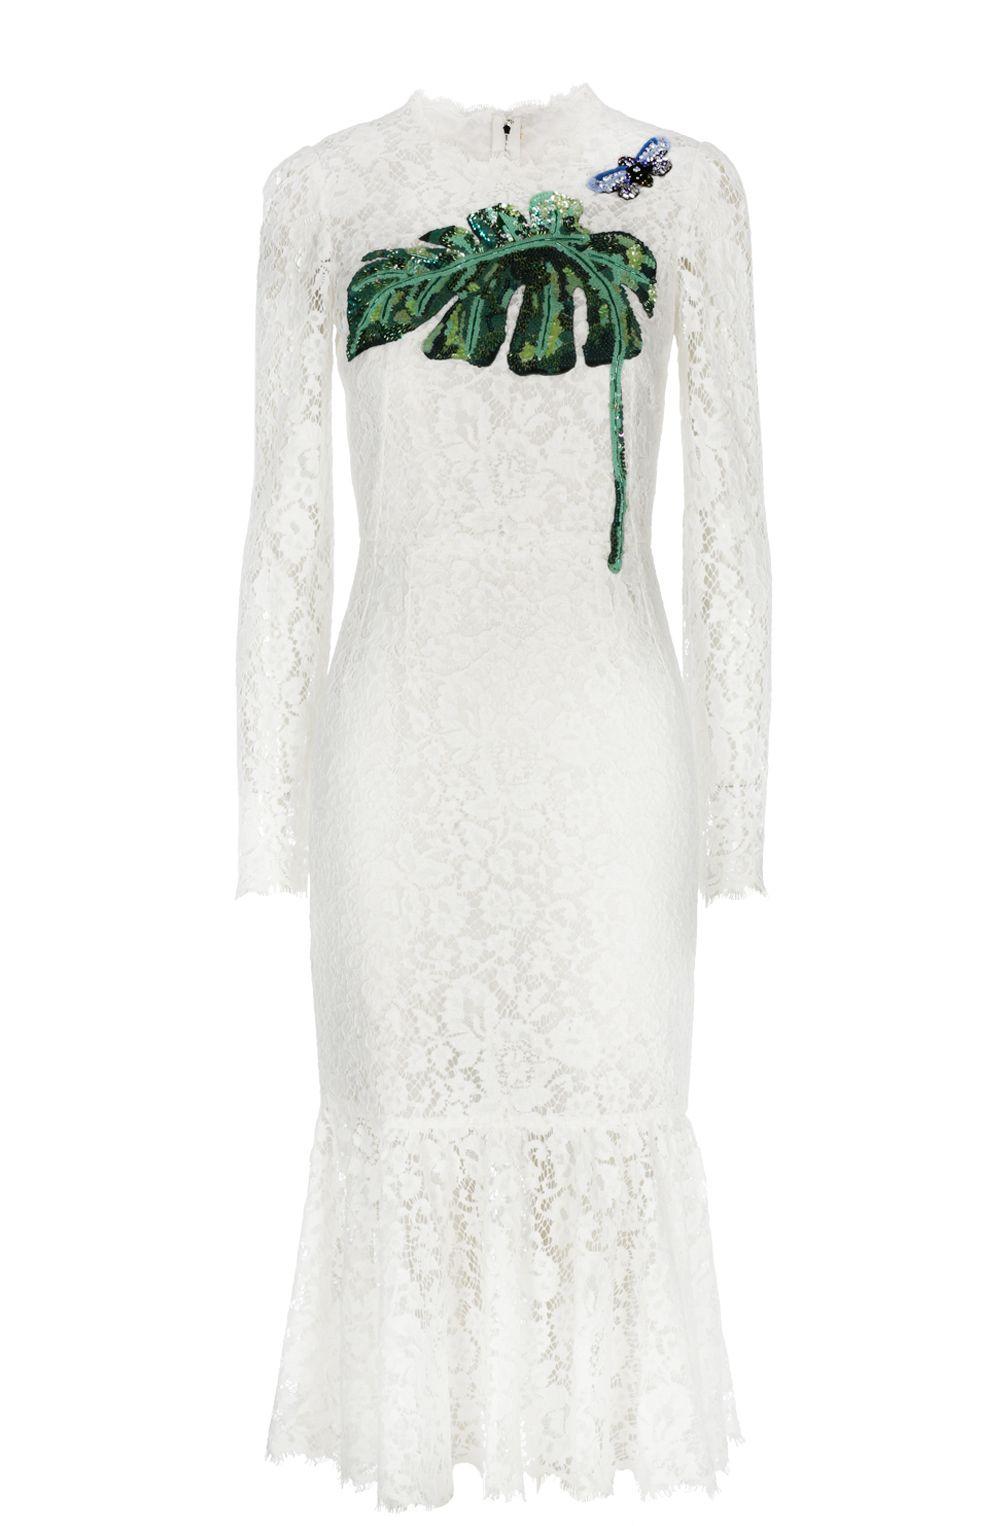 Белое платье с черными туфлями: главные принципы комбинирования ...   1526x990